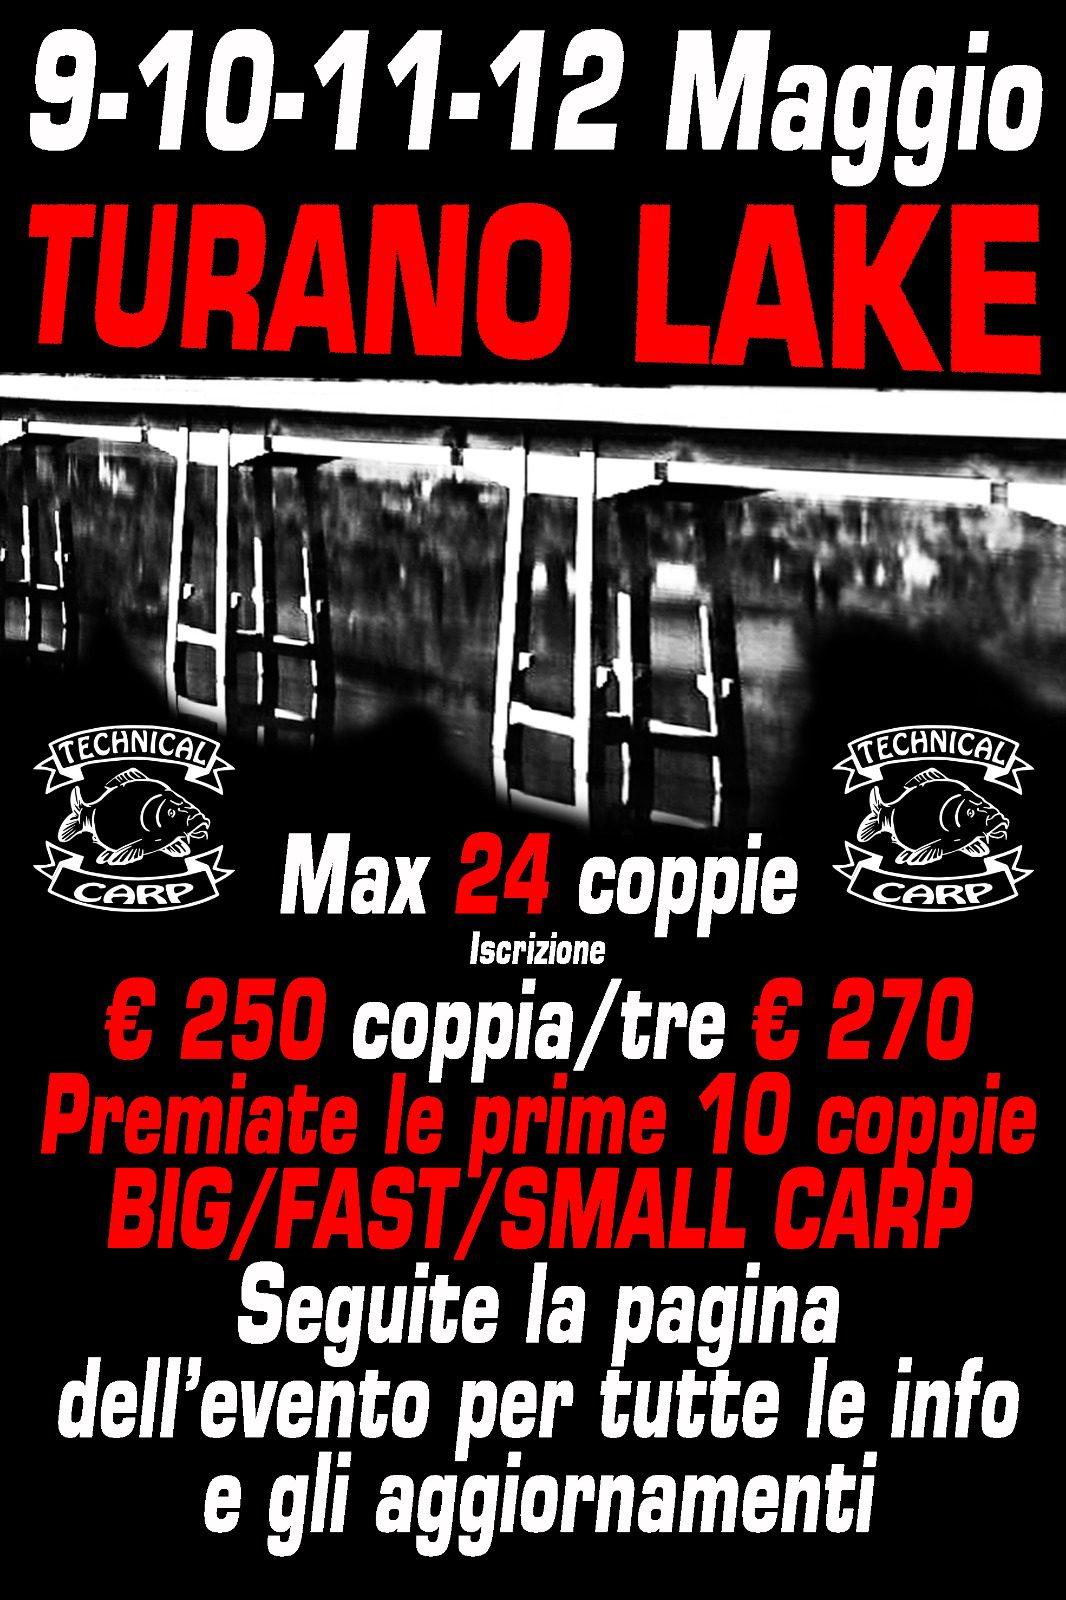 TURANO LAKE - 9-10-11-12 Maggio